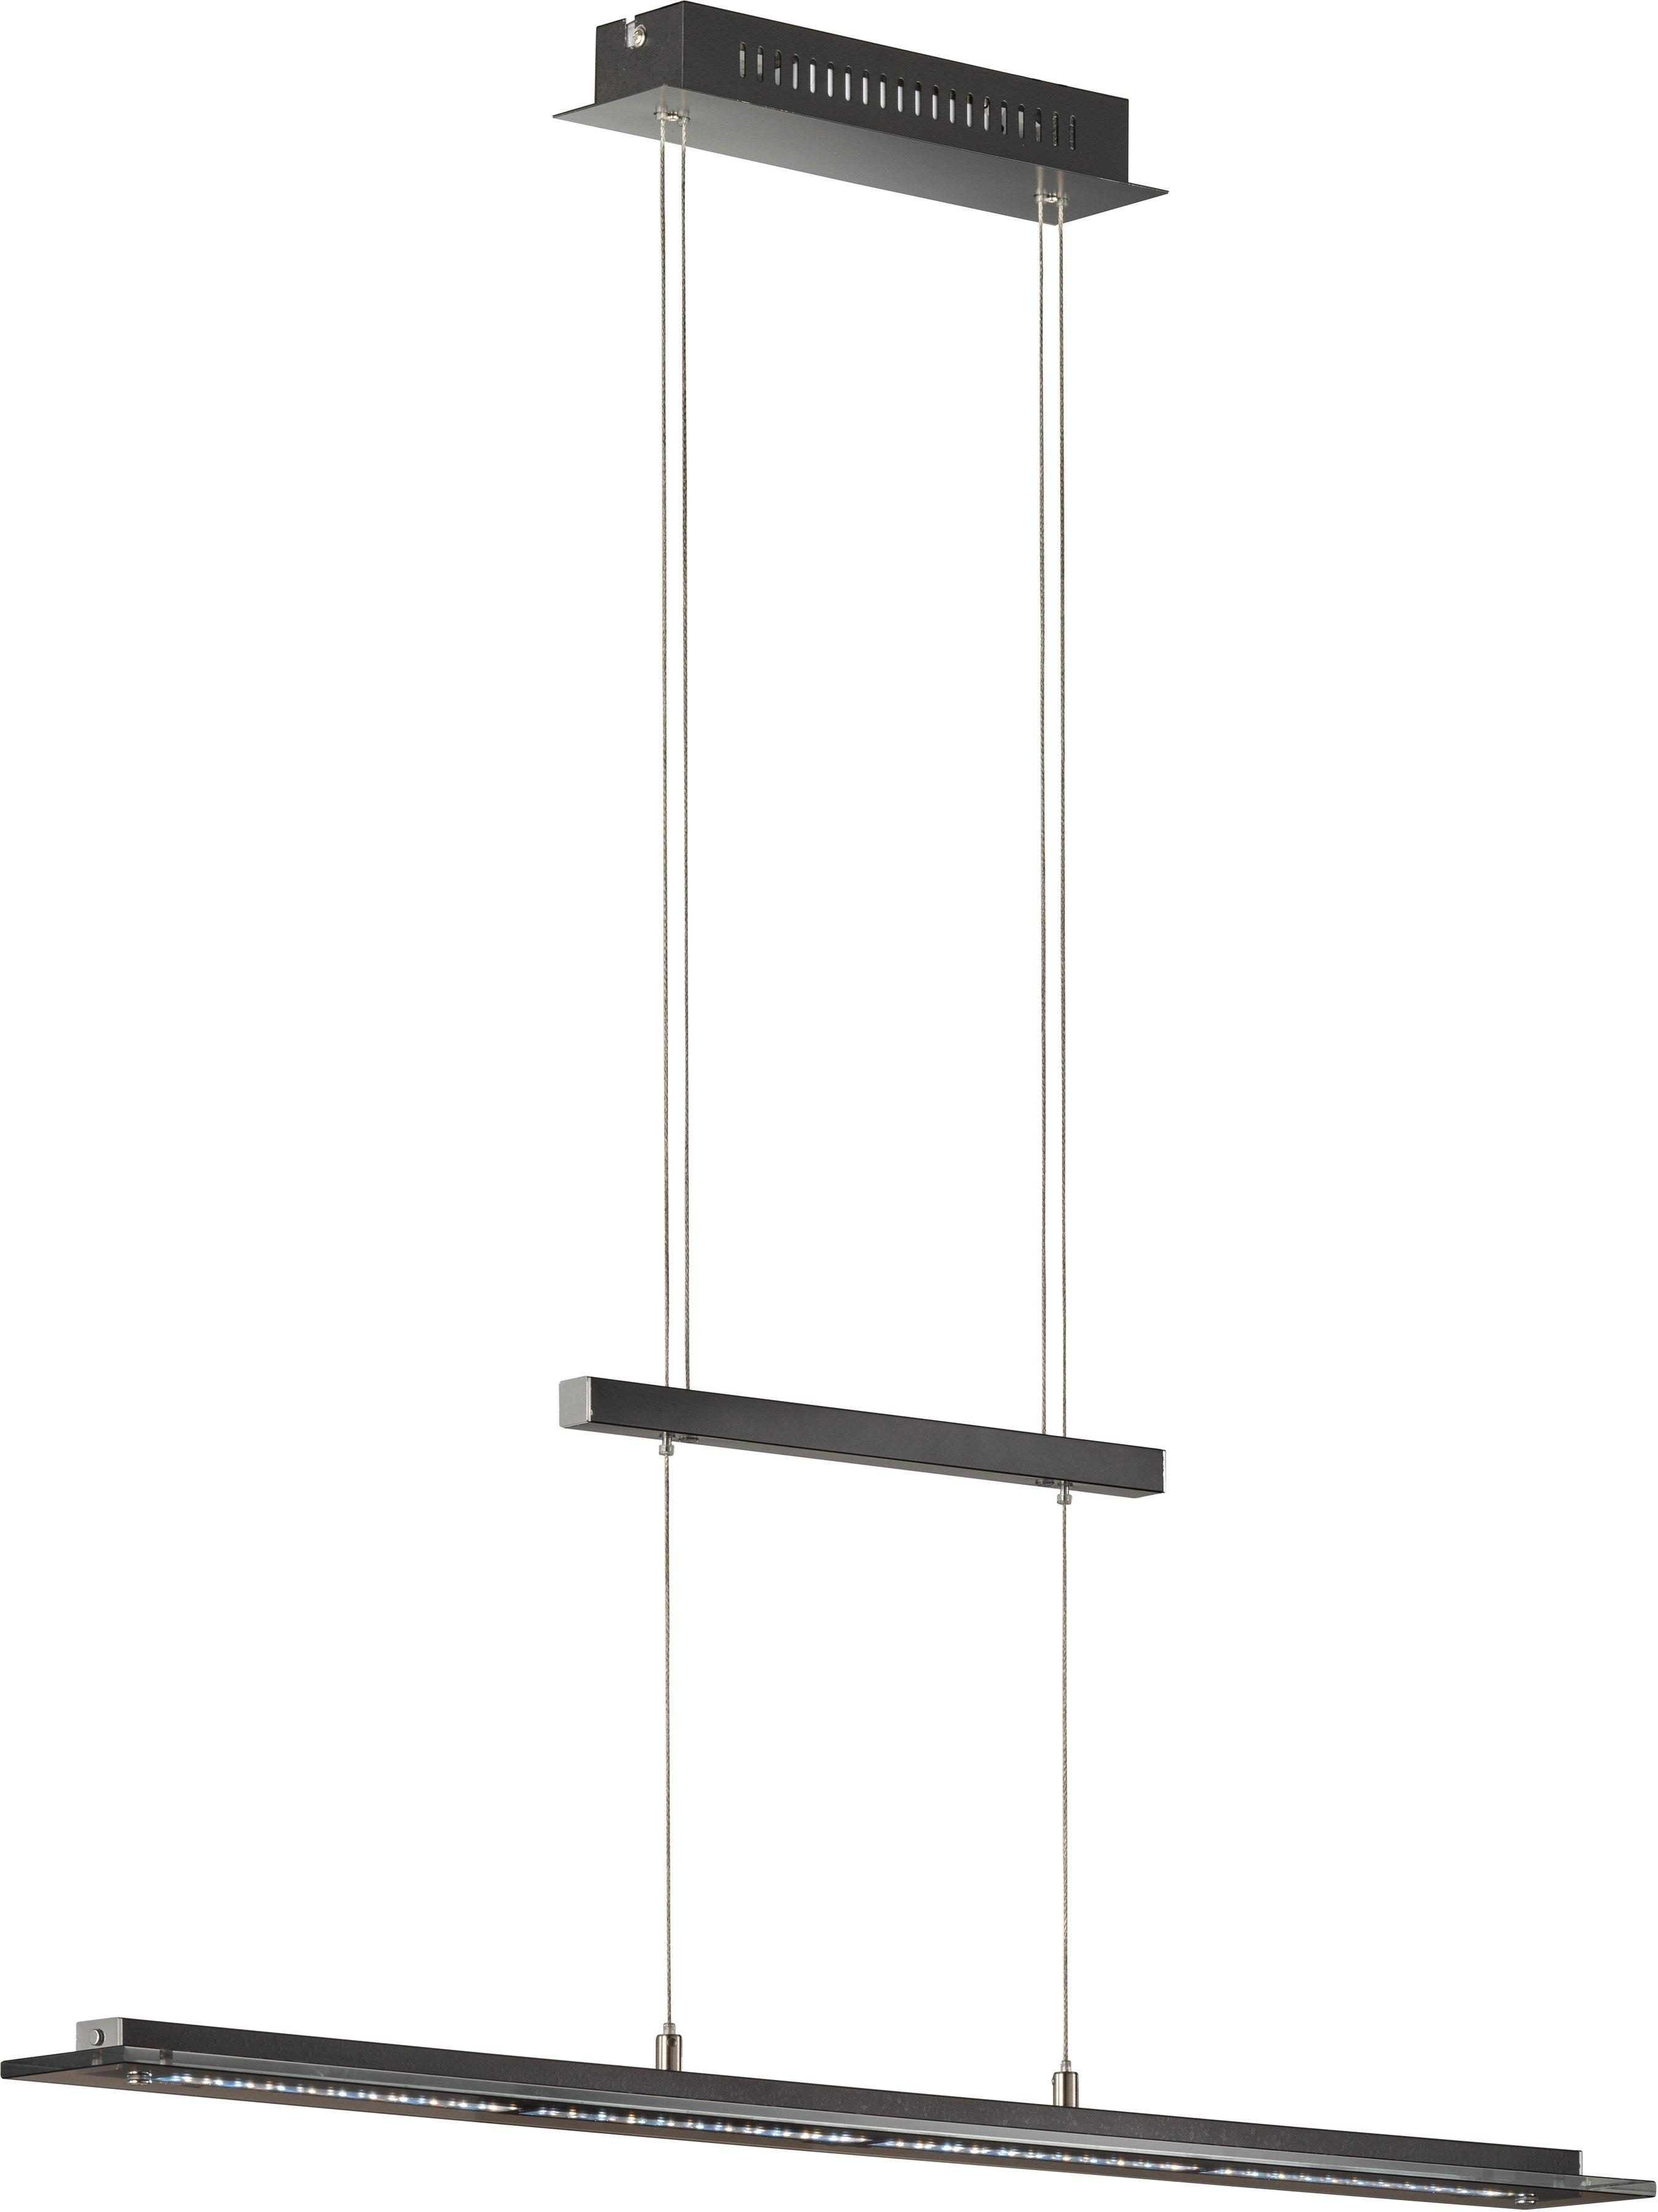 Honsel Leuchten led-hanglamp Tenso TW Led-hanglamp (1 stuk) - verschillende betaalmethodes